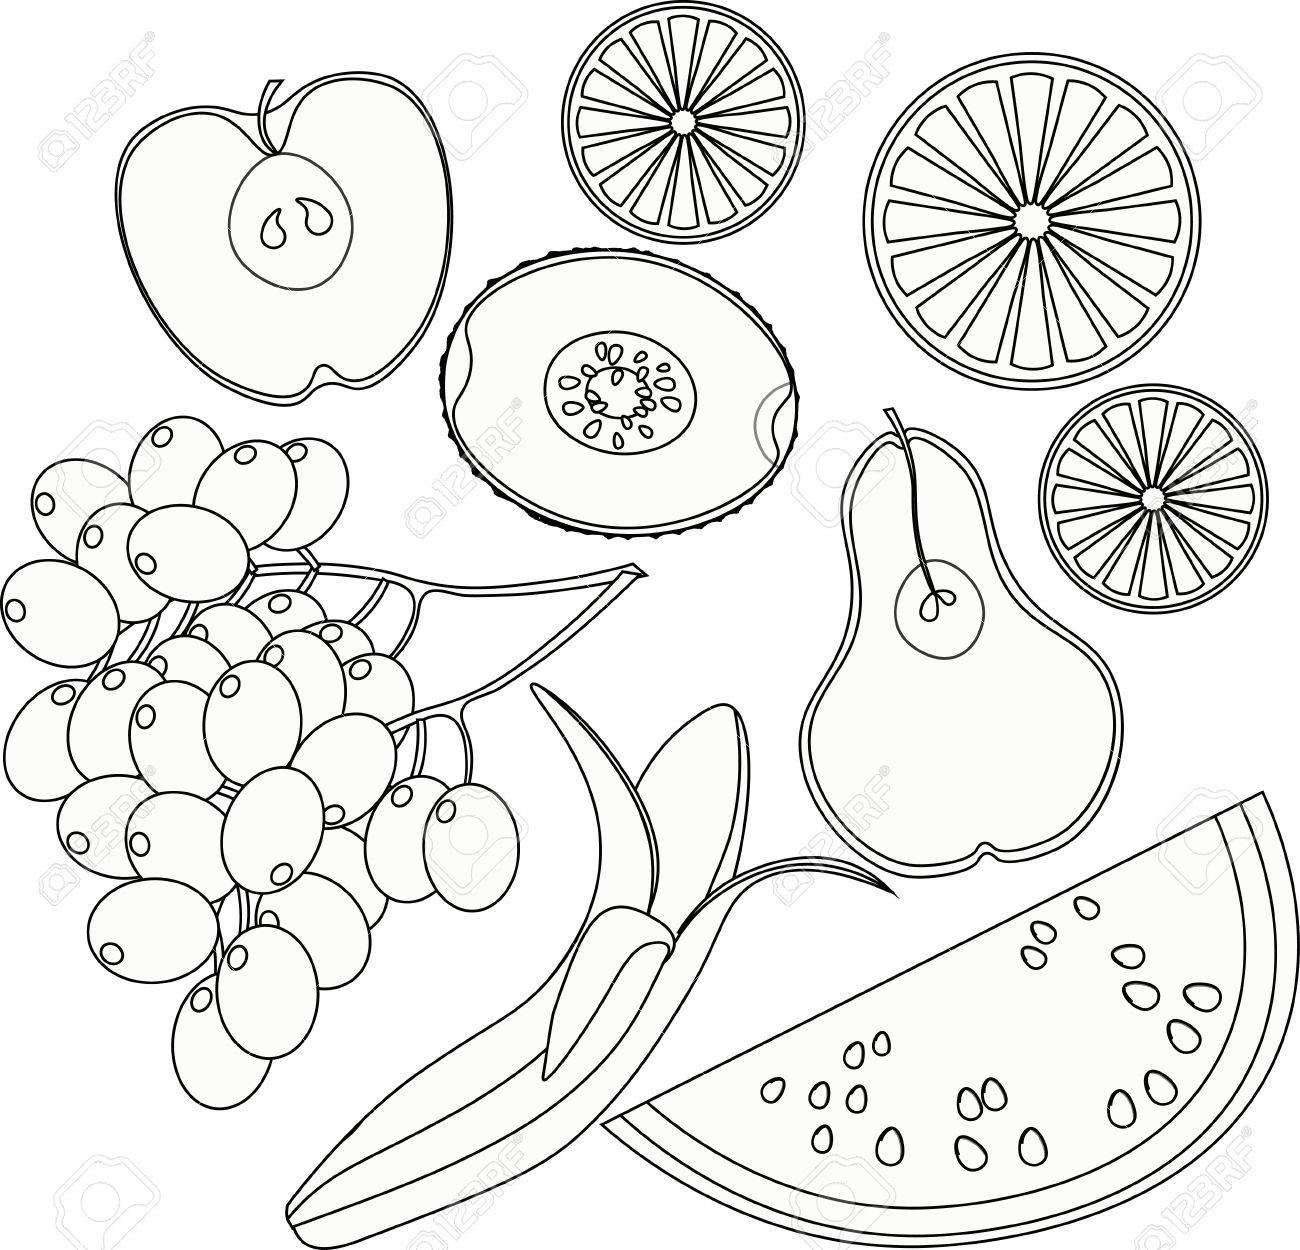 Establecer La Sandía Para Colorear De Frutas Naranja Kiwi Uva Plátano Pera Manzana Ilustración Vectorial